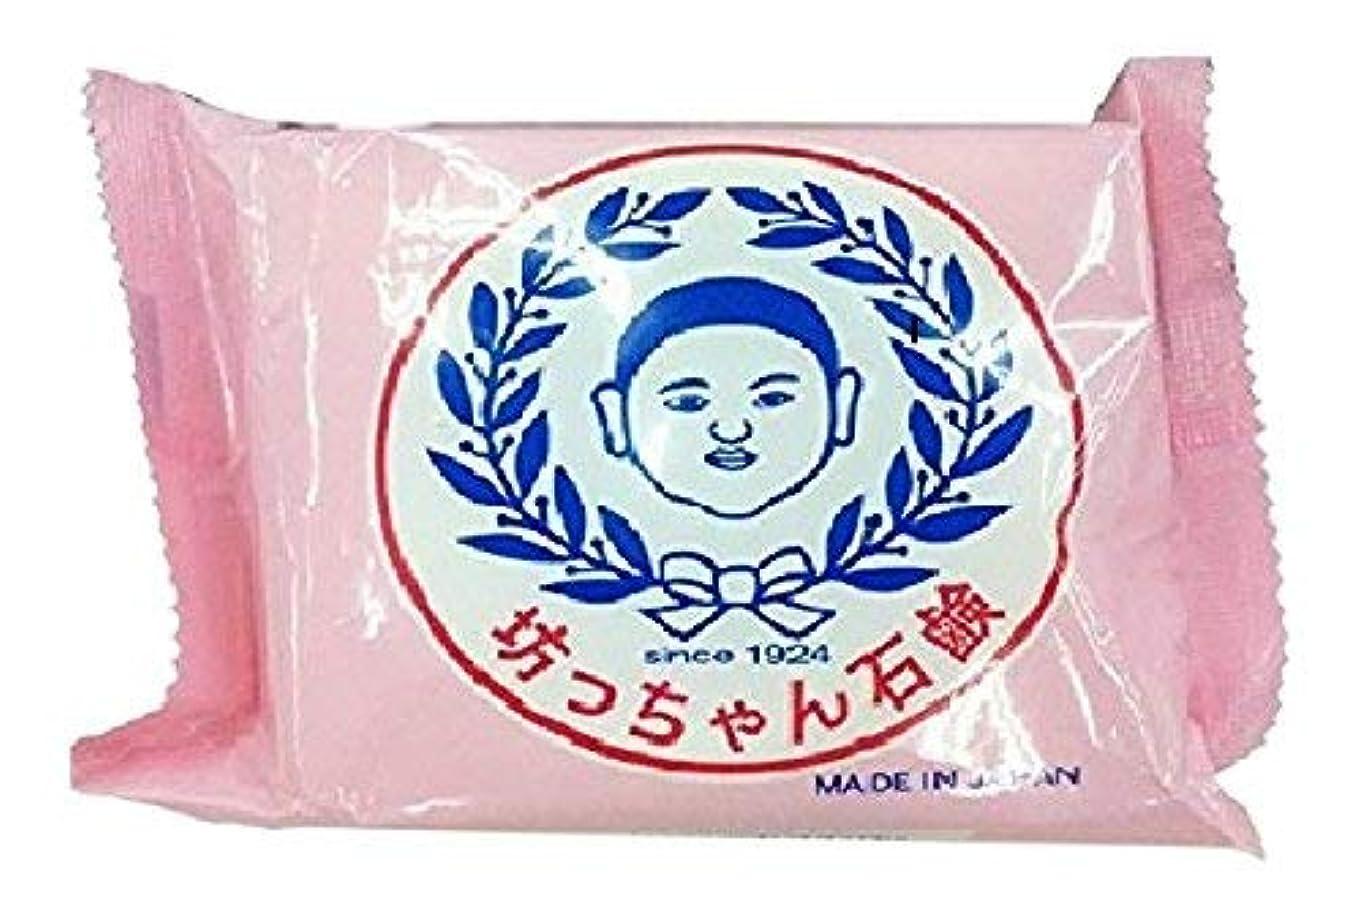 セメント協力する分泌する【まとめ買い】坊っちゃん石鹸 釜出し一番 175g ×20個